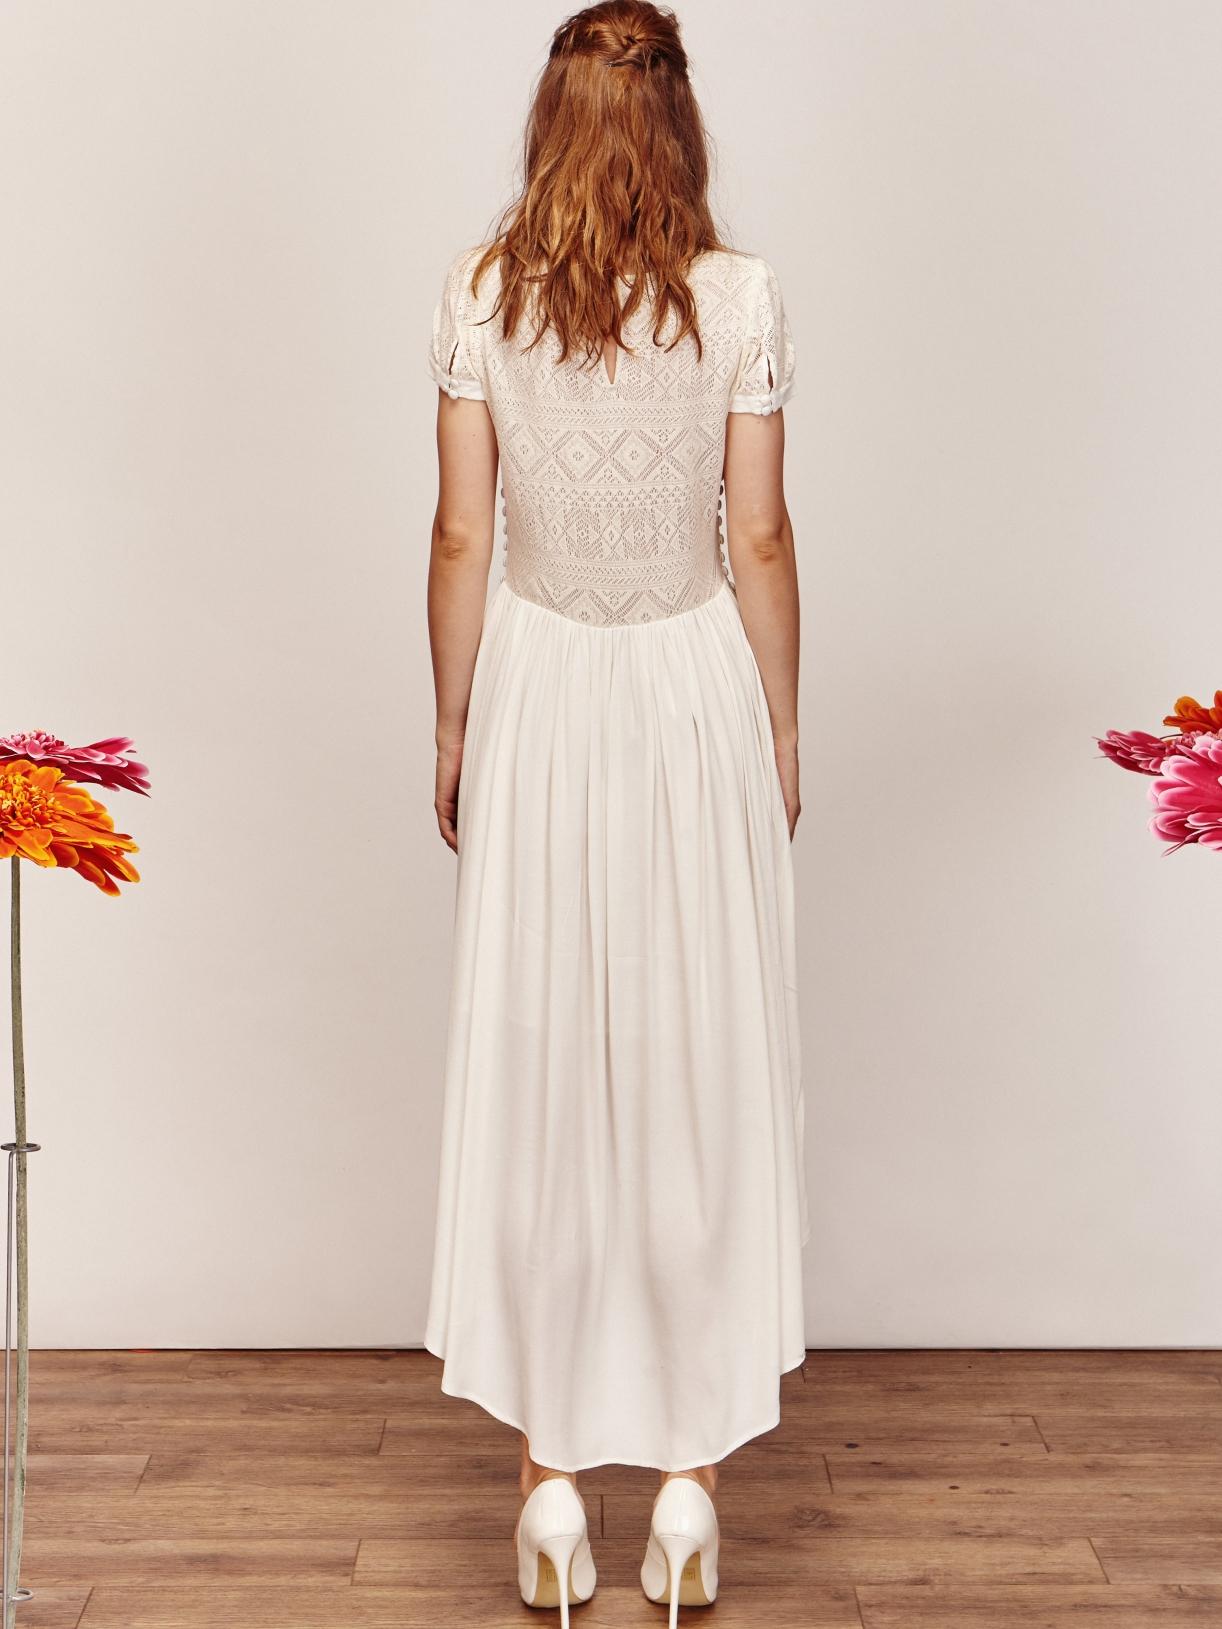 ANJA - Robe de mariée asymétrique créateur et sur-mesure pas cher a Paris - Myphilosophy